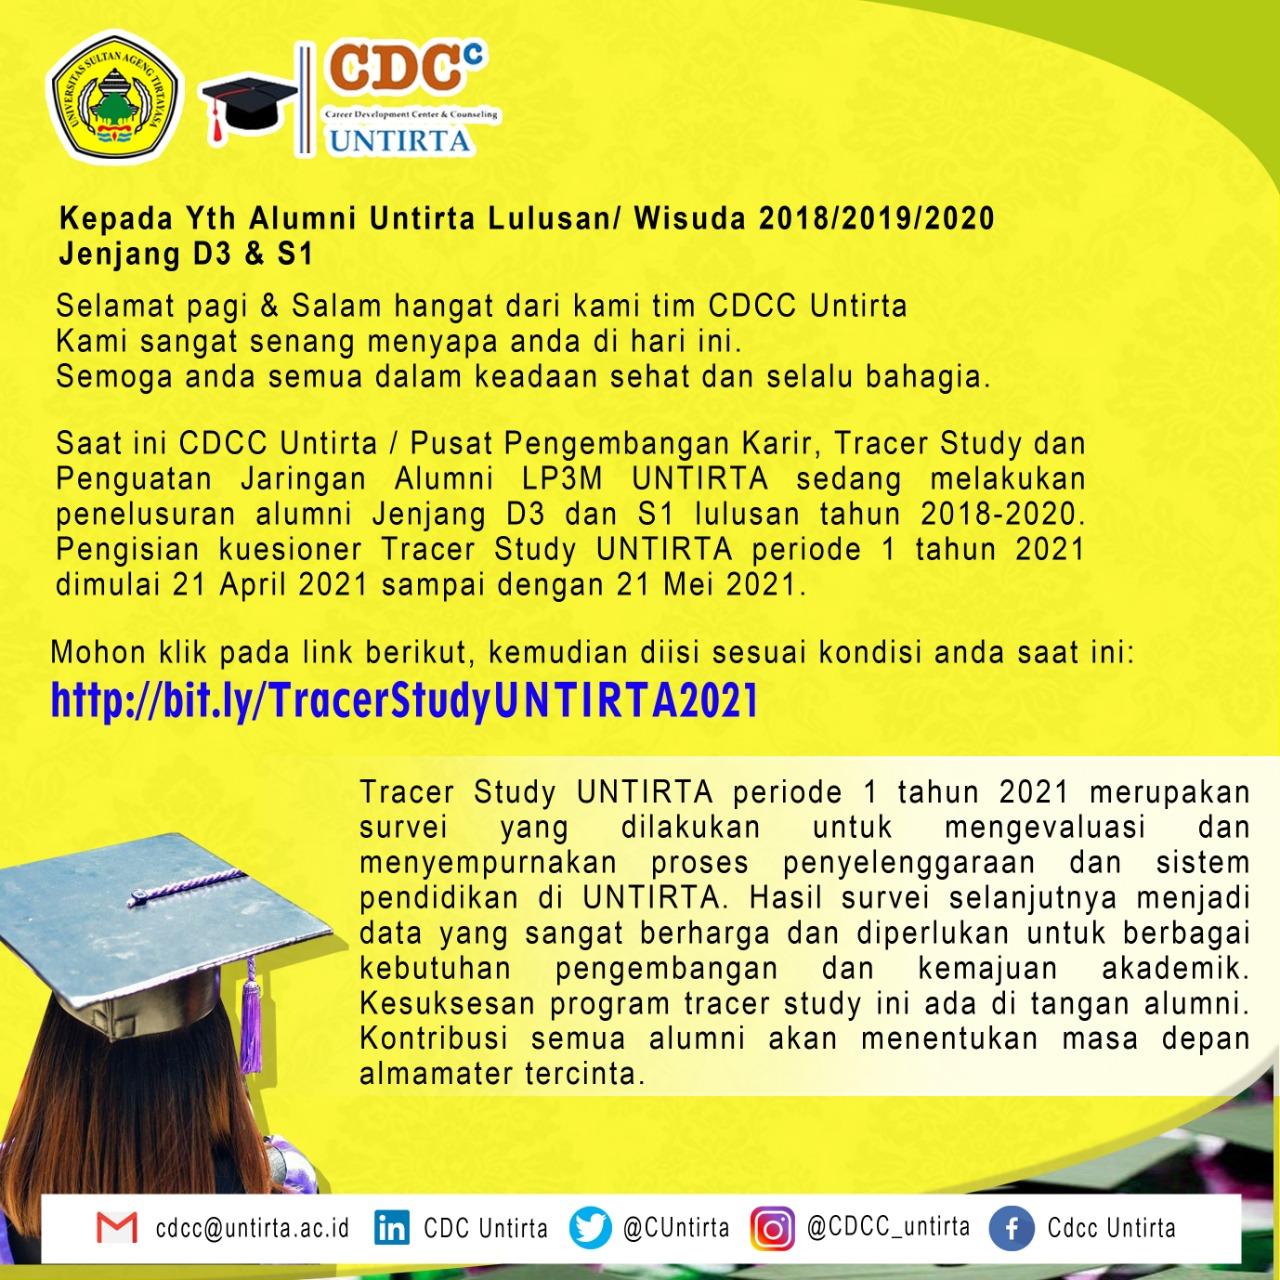 Penelusuran Alumni Jenjang D3 dan S1 Lulusan Tahun 2018 – 2020